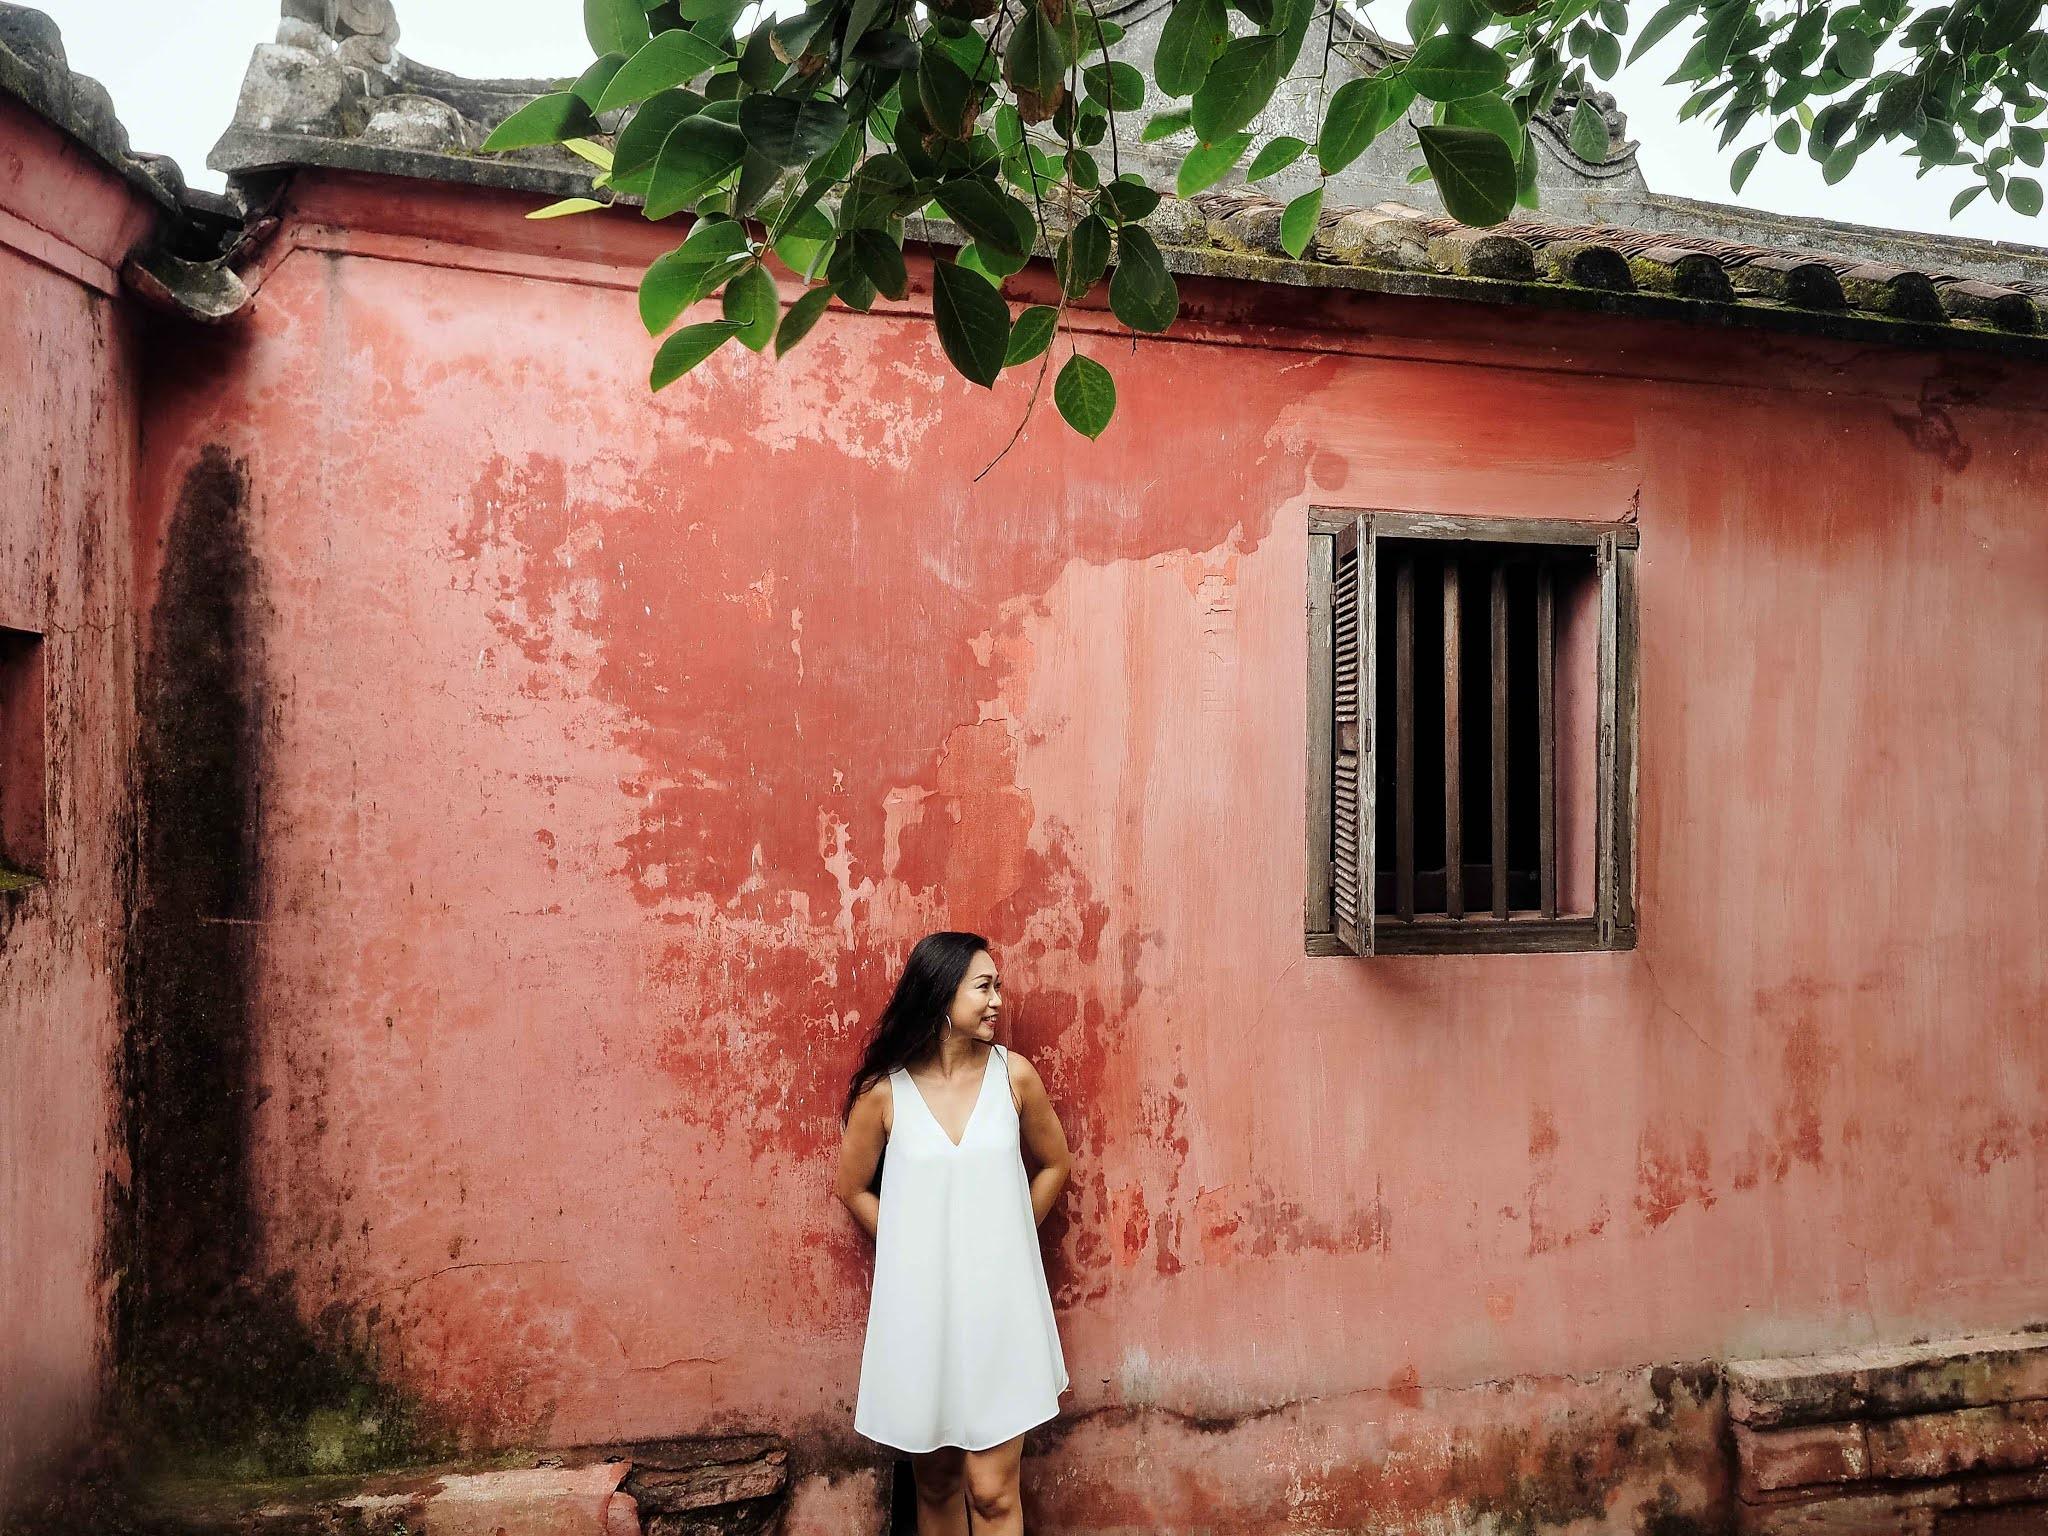 Thuê thợ chụp ảnh ngoại cảnh Hội An - Khoi Studio